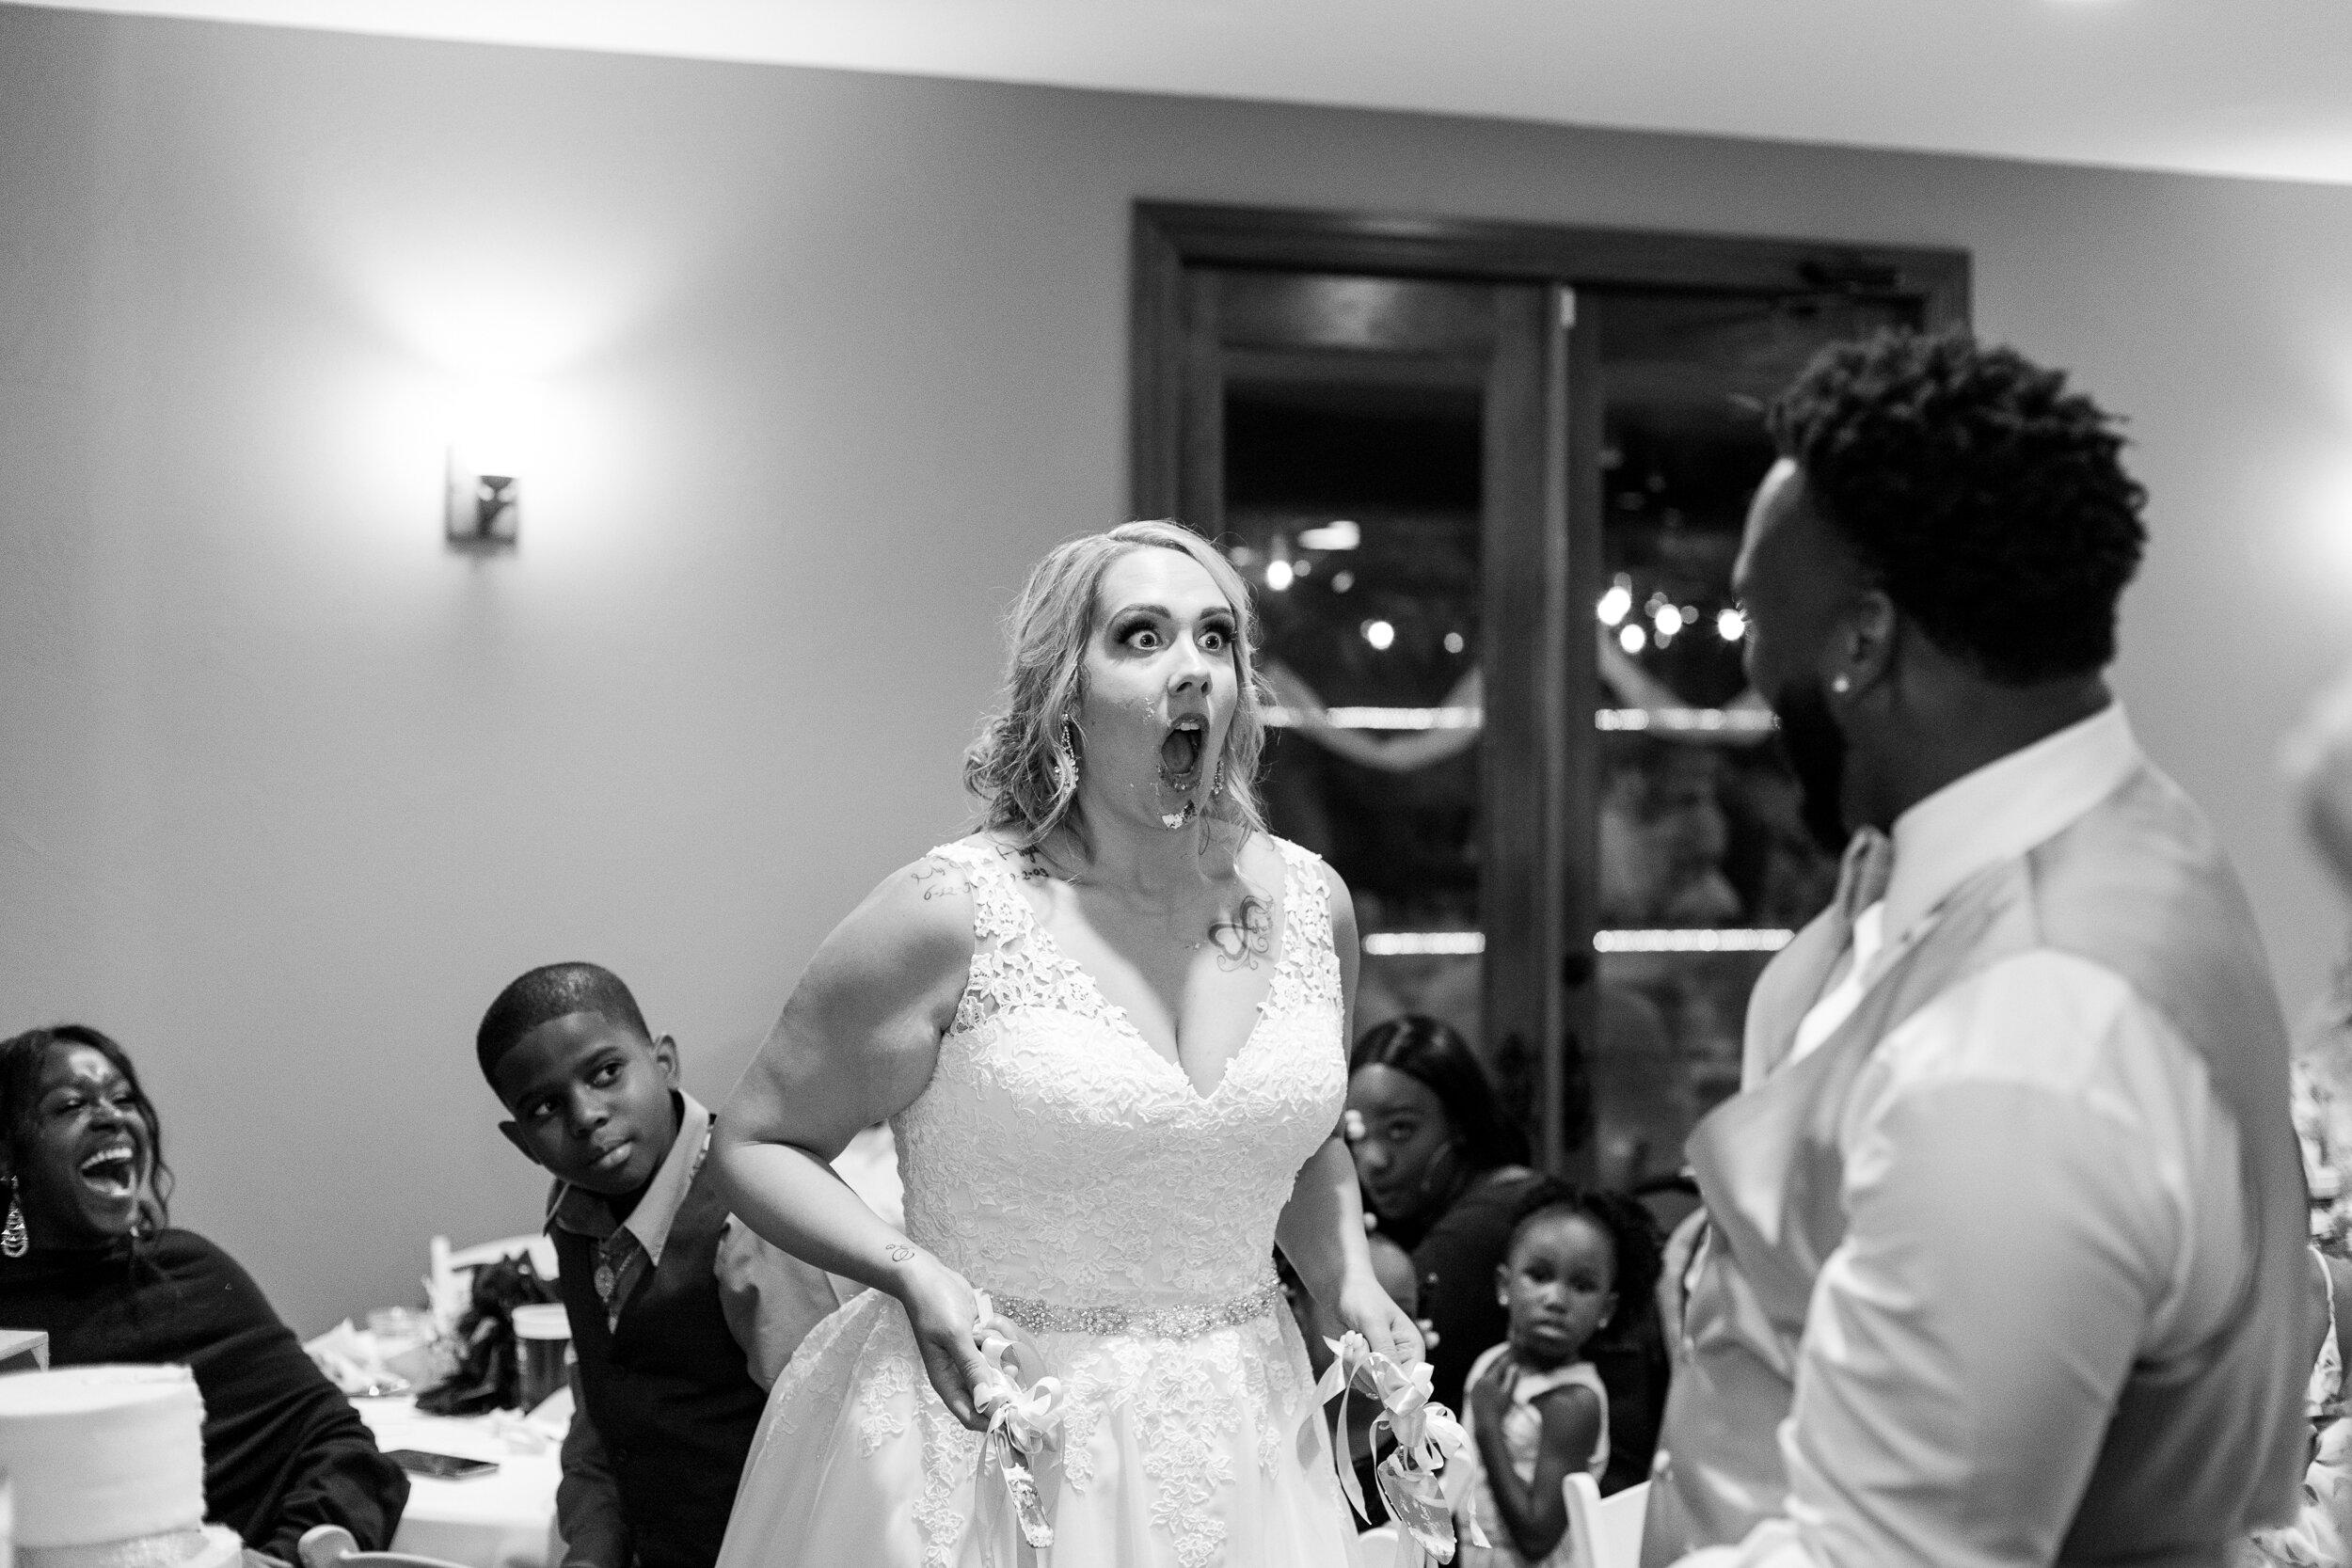 Emanuel-Wedding_kelsiehendricksphotography-83.jpg